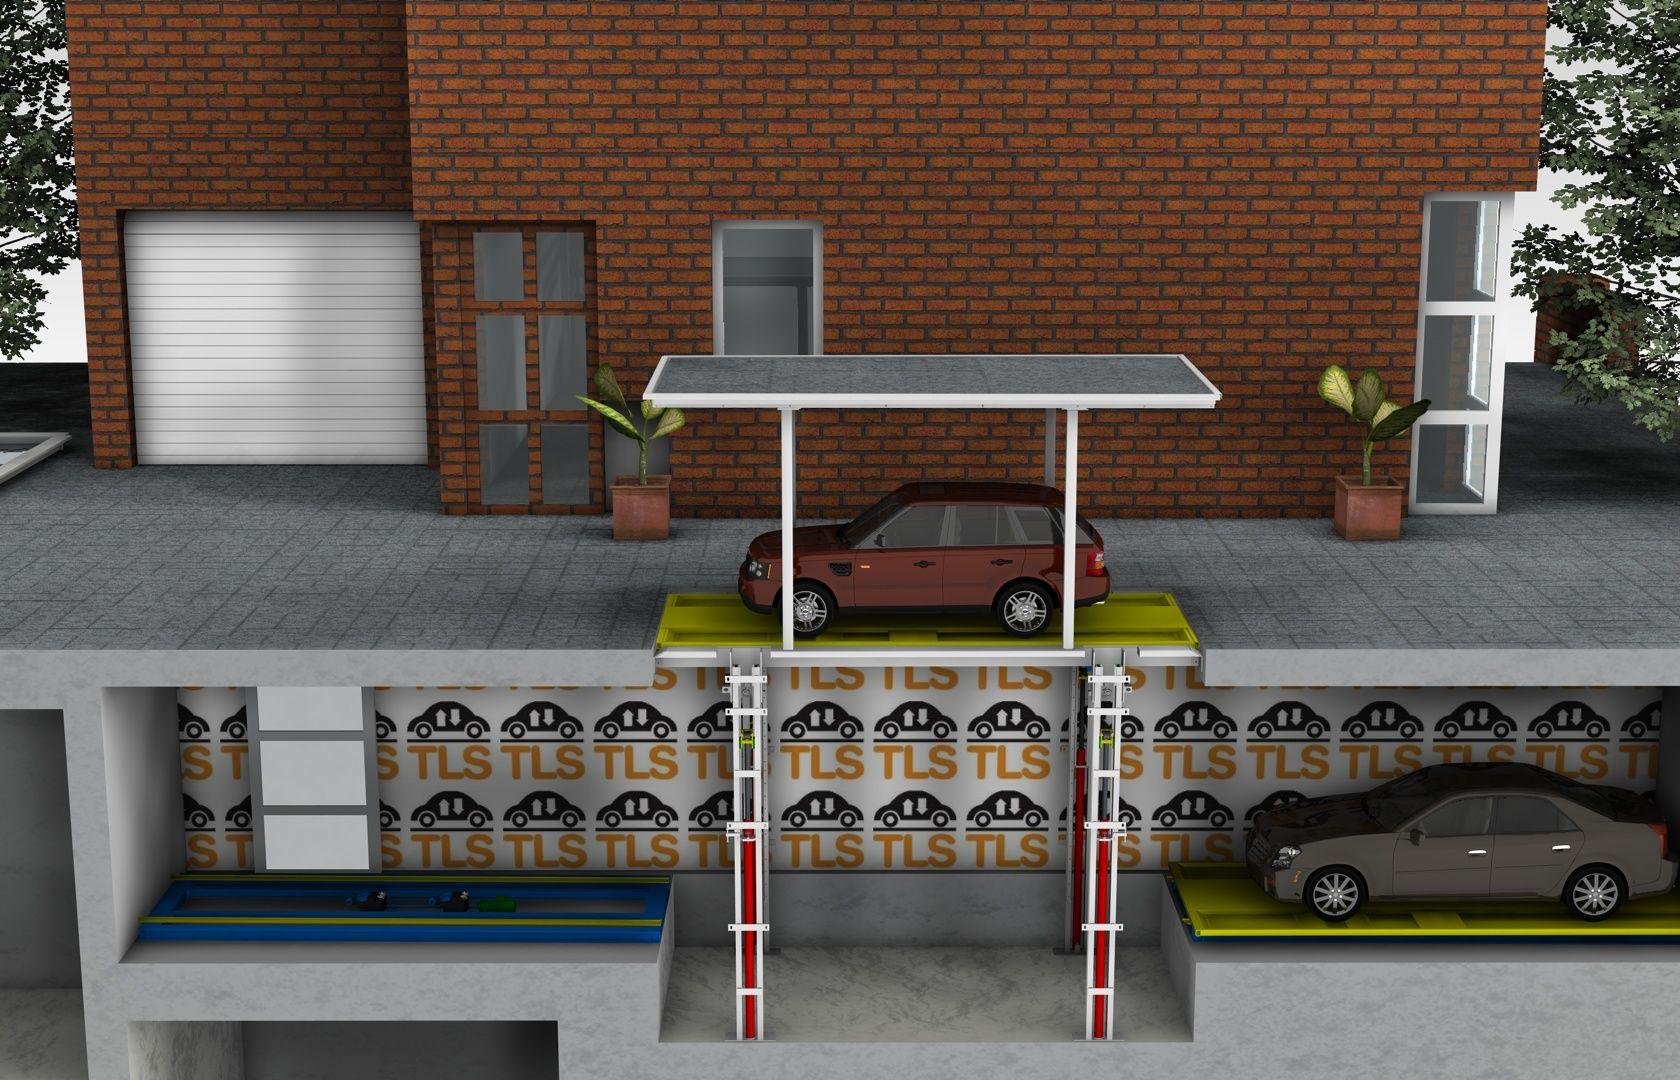 404 Error Page Not Found Garage Car Lift Garage Design